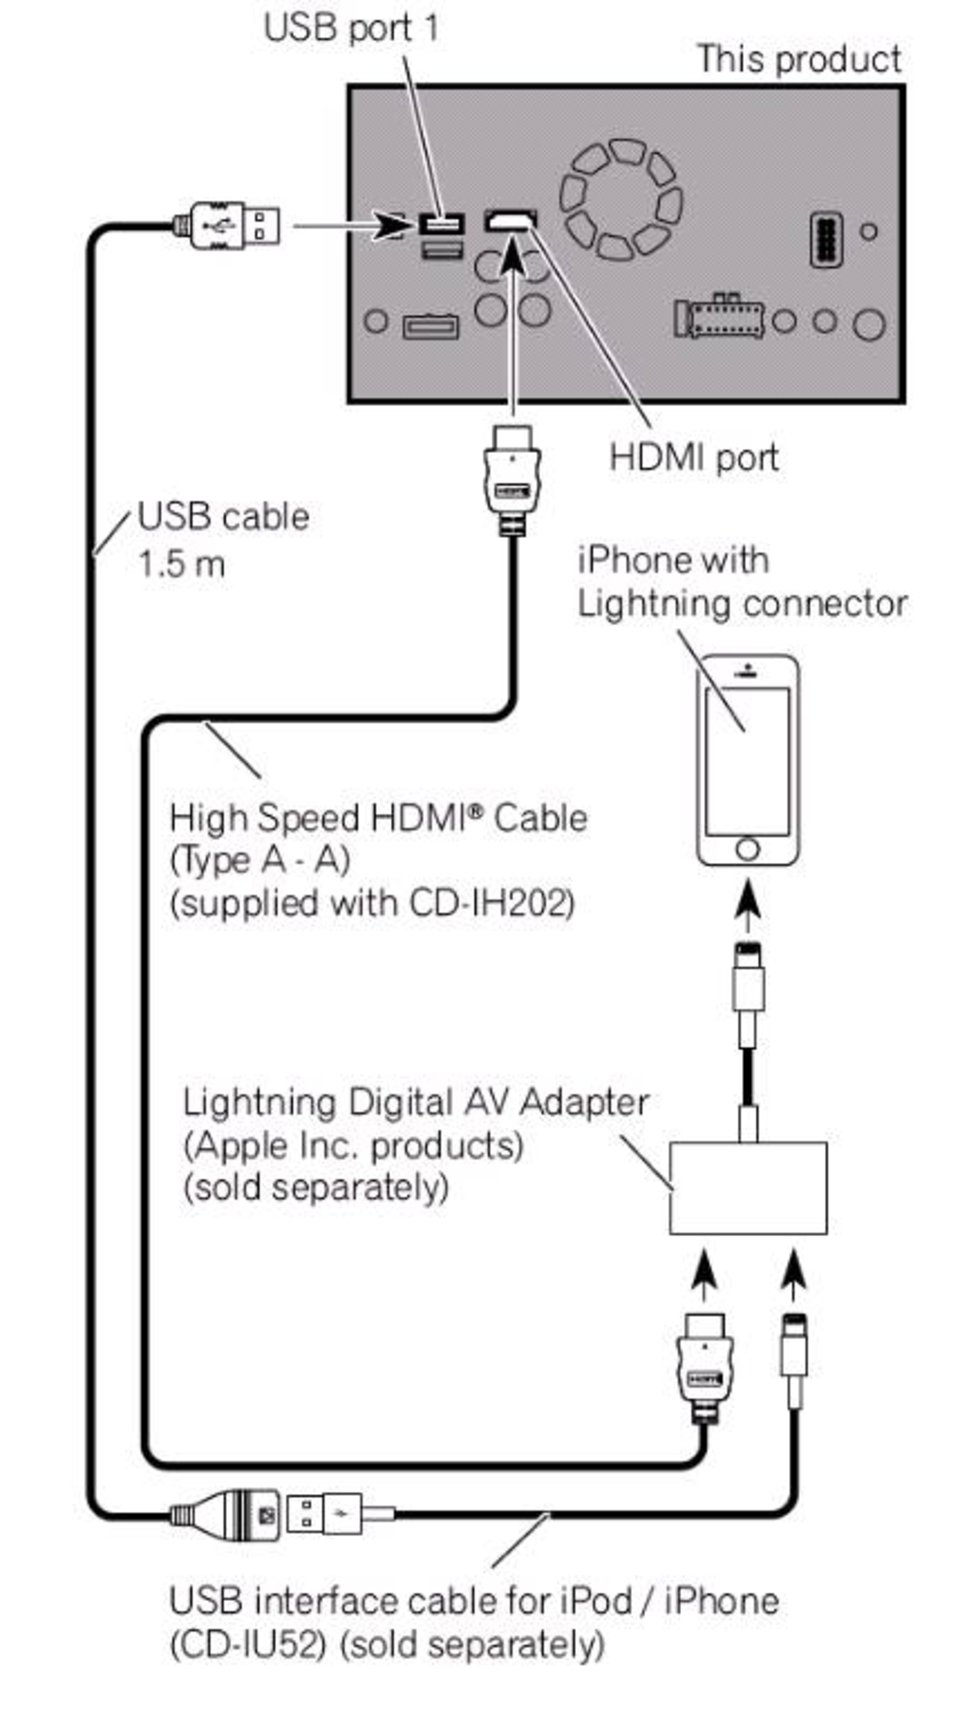 Pioneer Sph Da01 Wiring Diagram 31 Images Appradio Da120 Sphda120iphone5connectitok Evtq370 At Cita